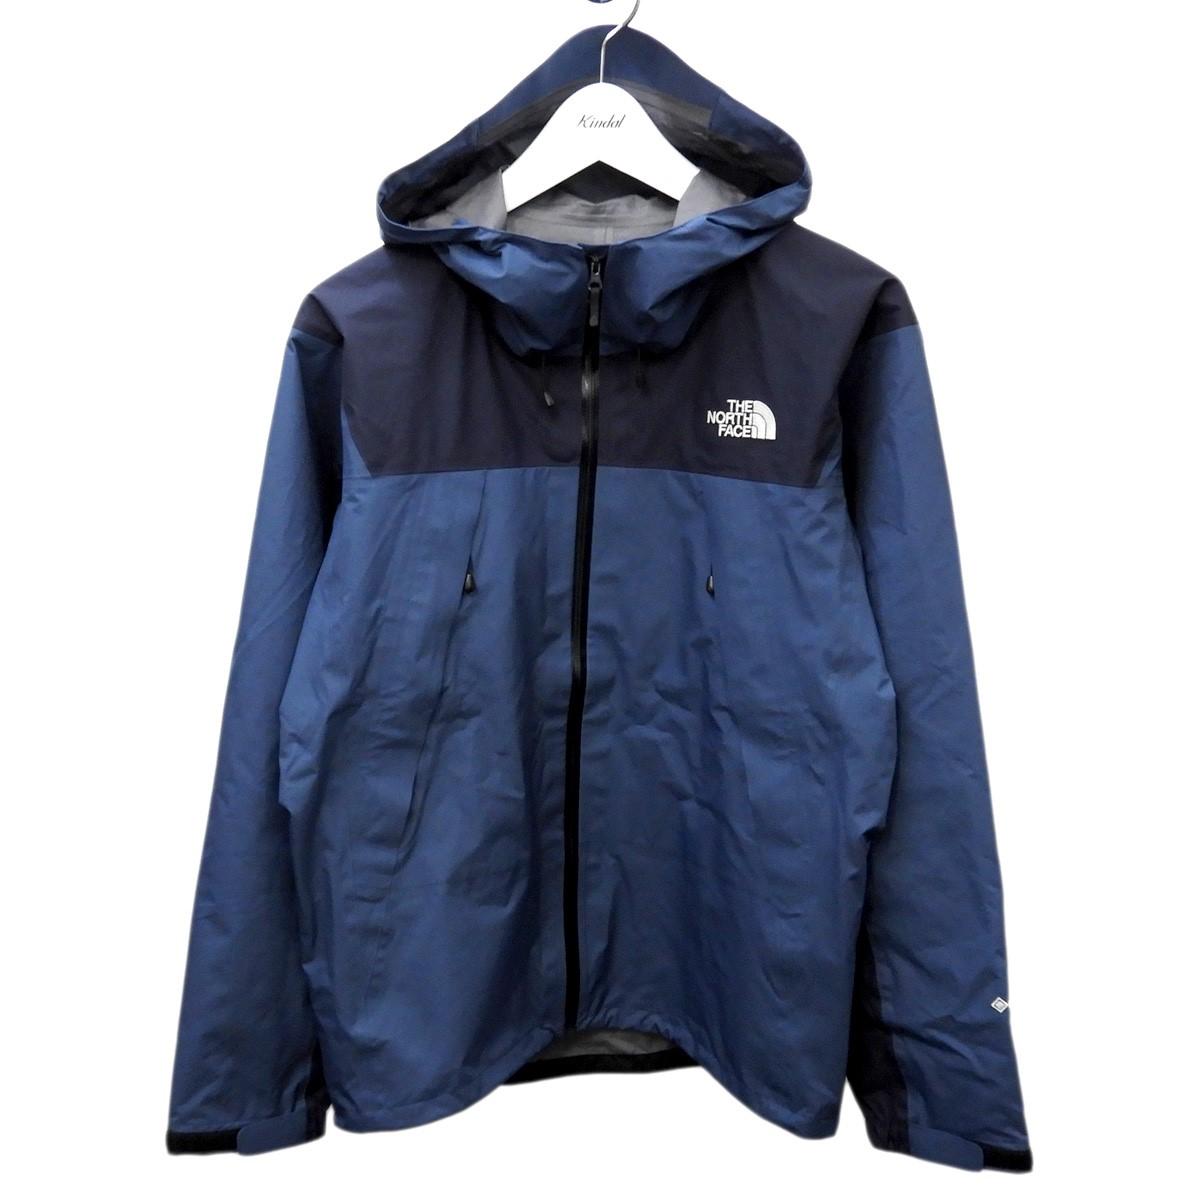 【中古】THE NORTH FACE 「Climb Light Jacket」GORE-TEXクライムライトジャケット シェイディーブルー×アーバンネイビー サイズ:M 【140620】(ザノースフェイス)